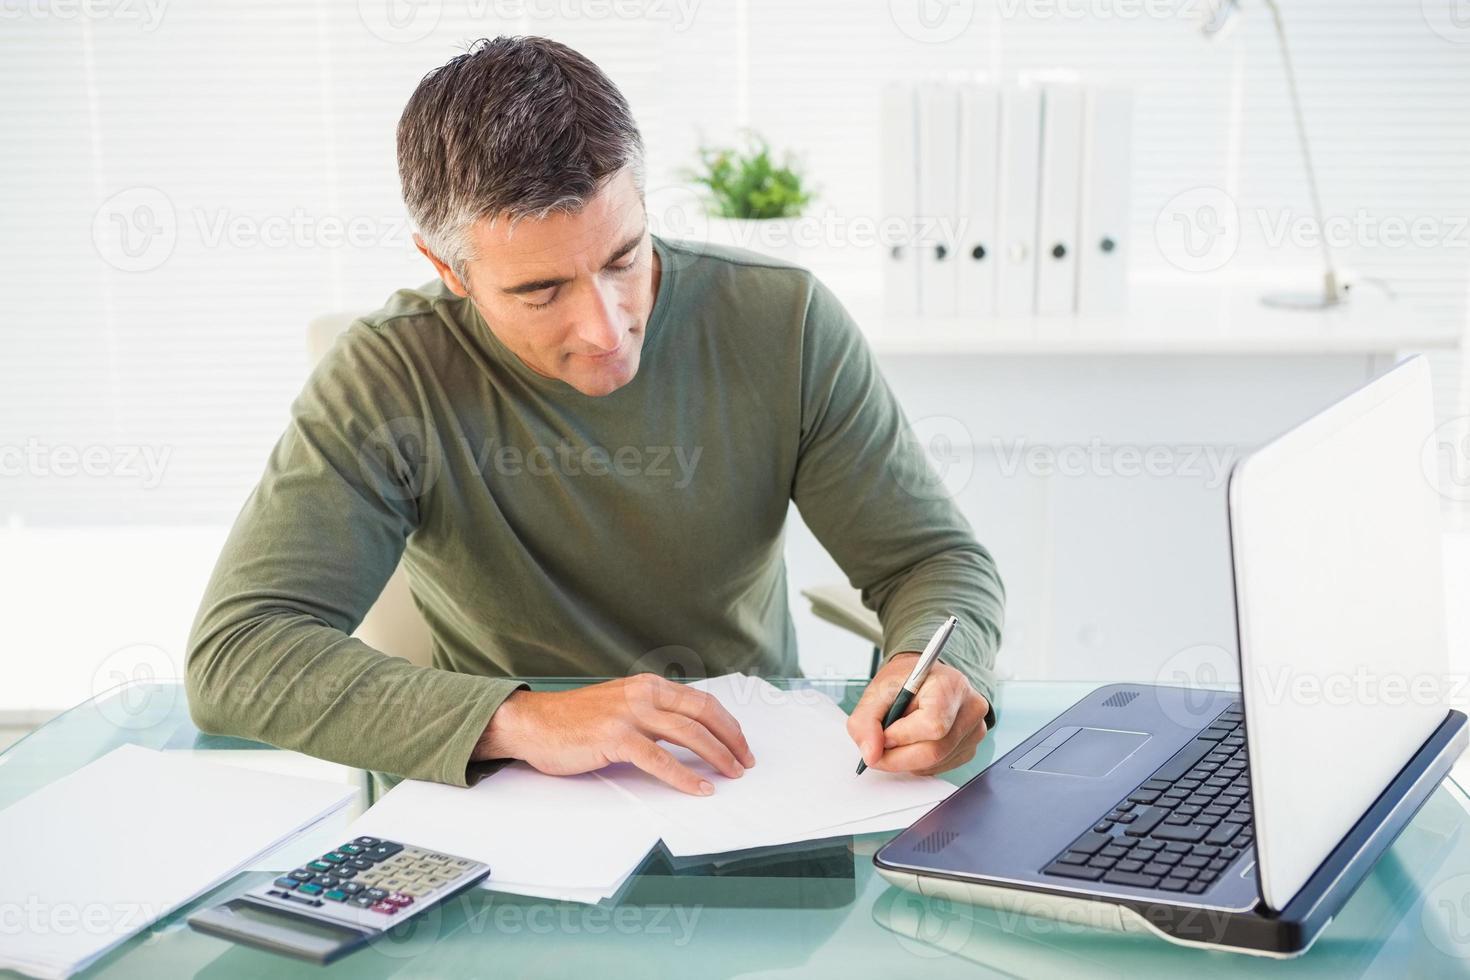 homme travaillant avec ordinateur portable et écriture photo